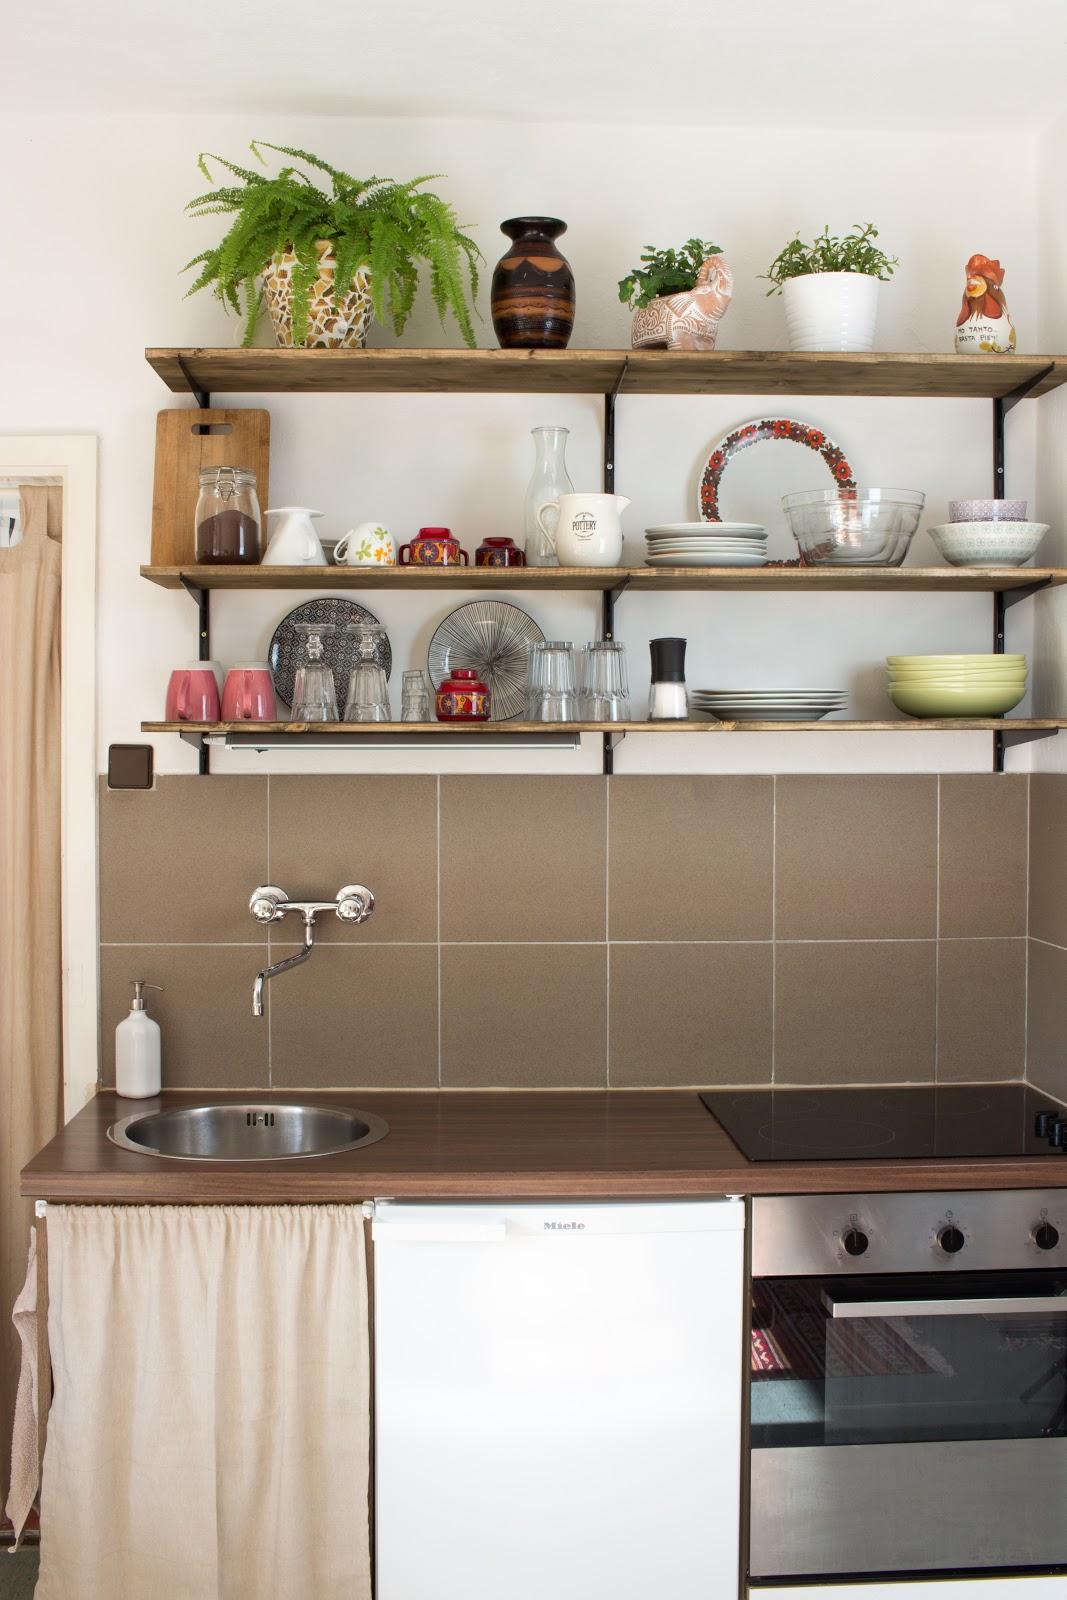 Full Size of Küchen Regal Sitzecke Küche Was Kostet Eine Einbau Mülleimer Stehhilfe Nolte Led Panel Miele Läufer Eckküche Mit Elektrogeräten Rolladenschrank Wohnzimmer Küche Selbst Bauen